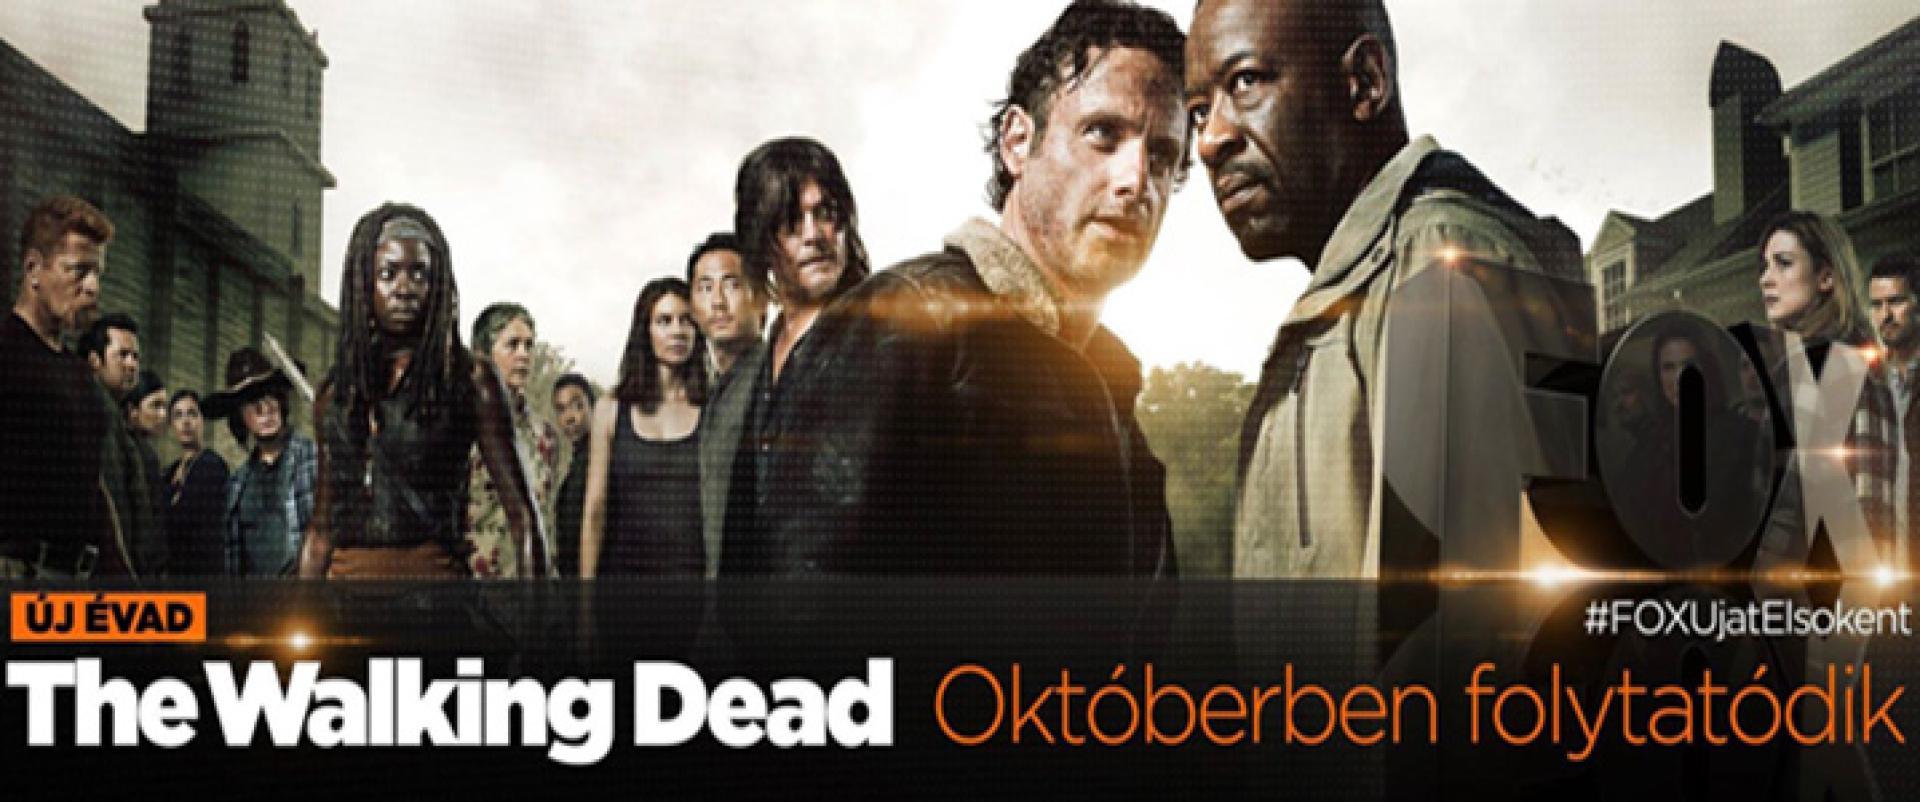 The Walking Dead: karakterfejlődés